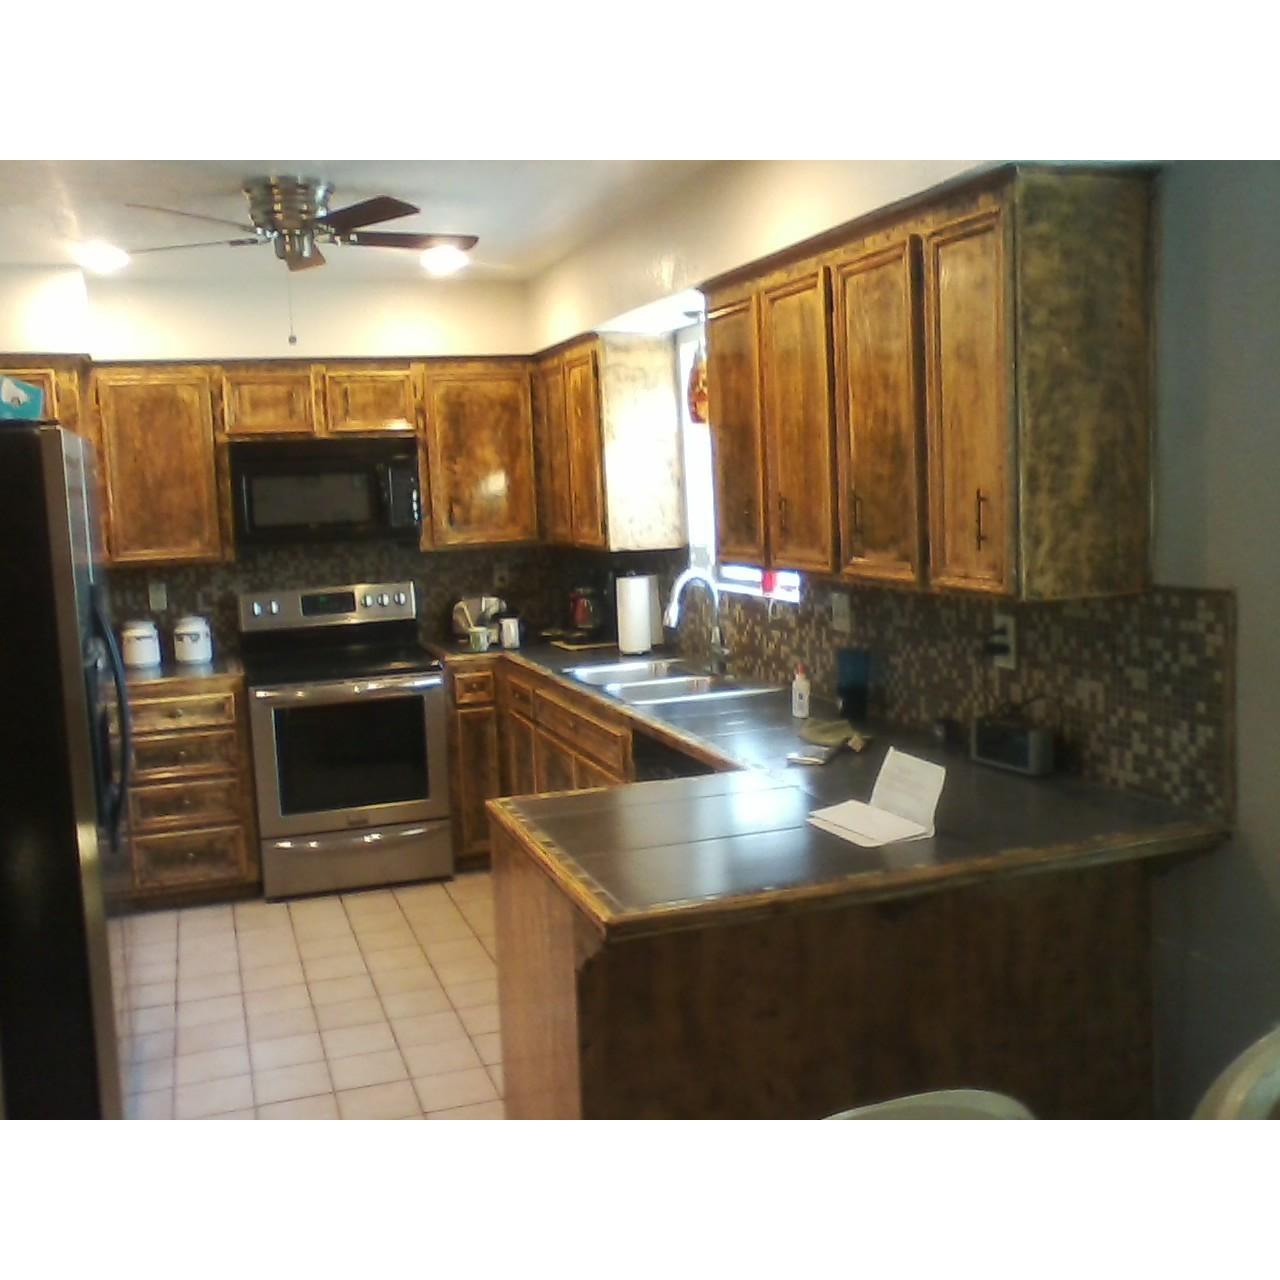 Flanders Home Service - Texas City, TX 77590 - (409)938-0088 | ShowMeLocal.com